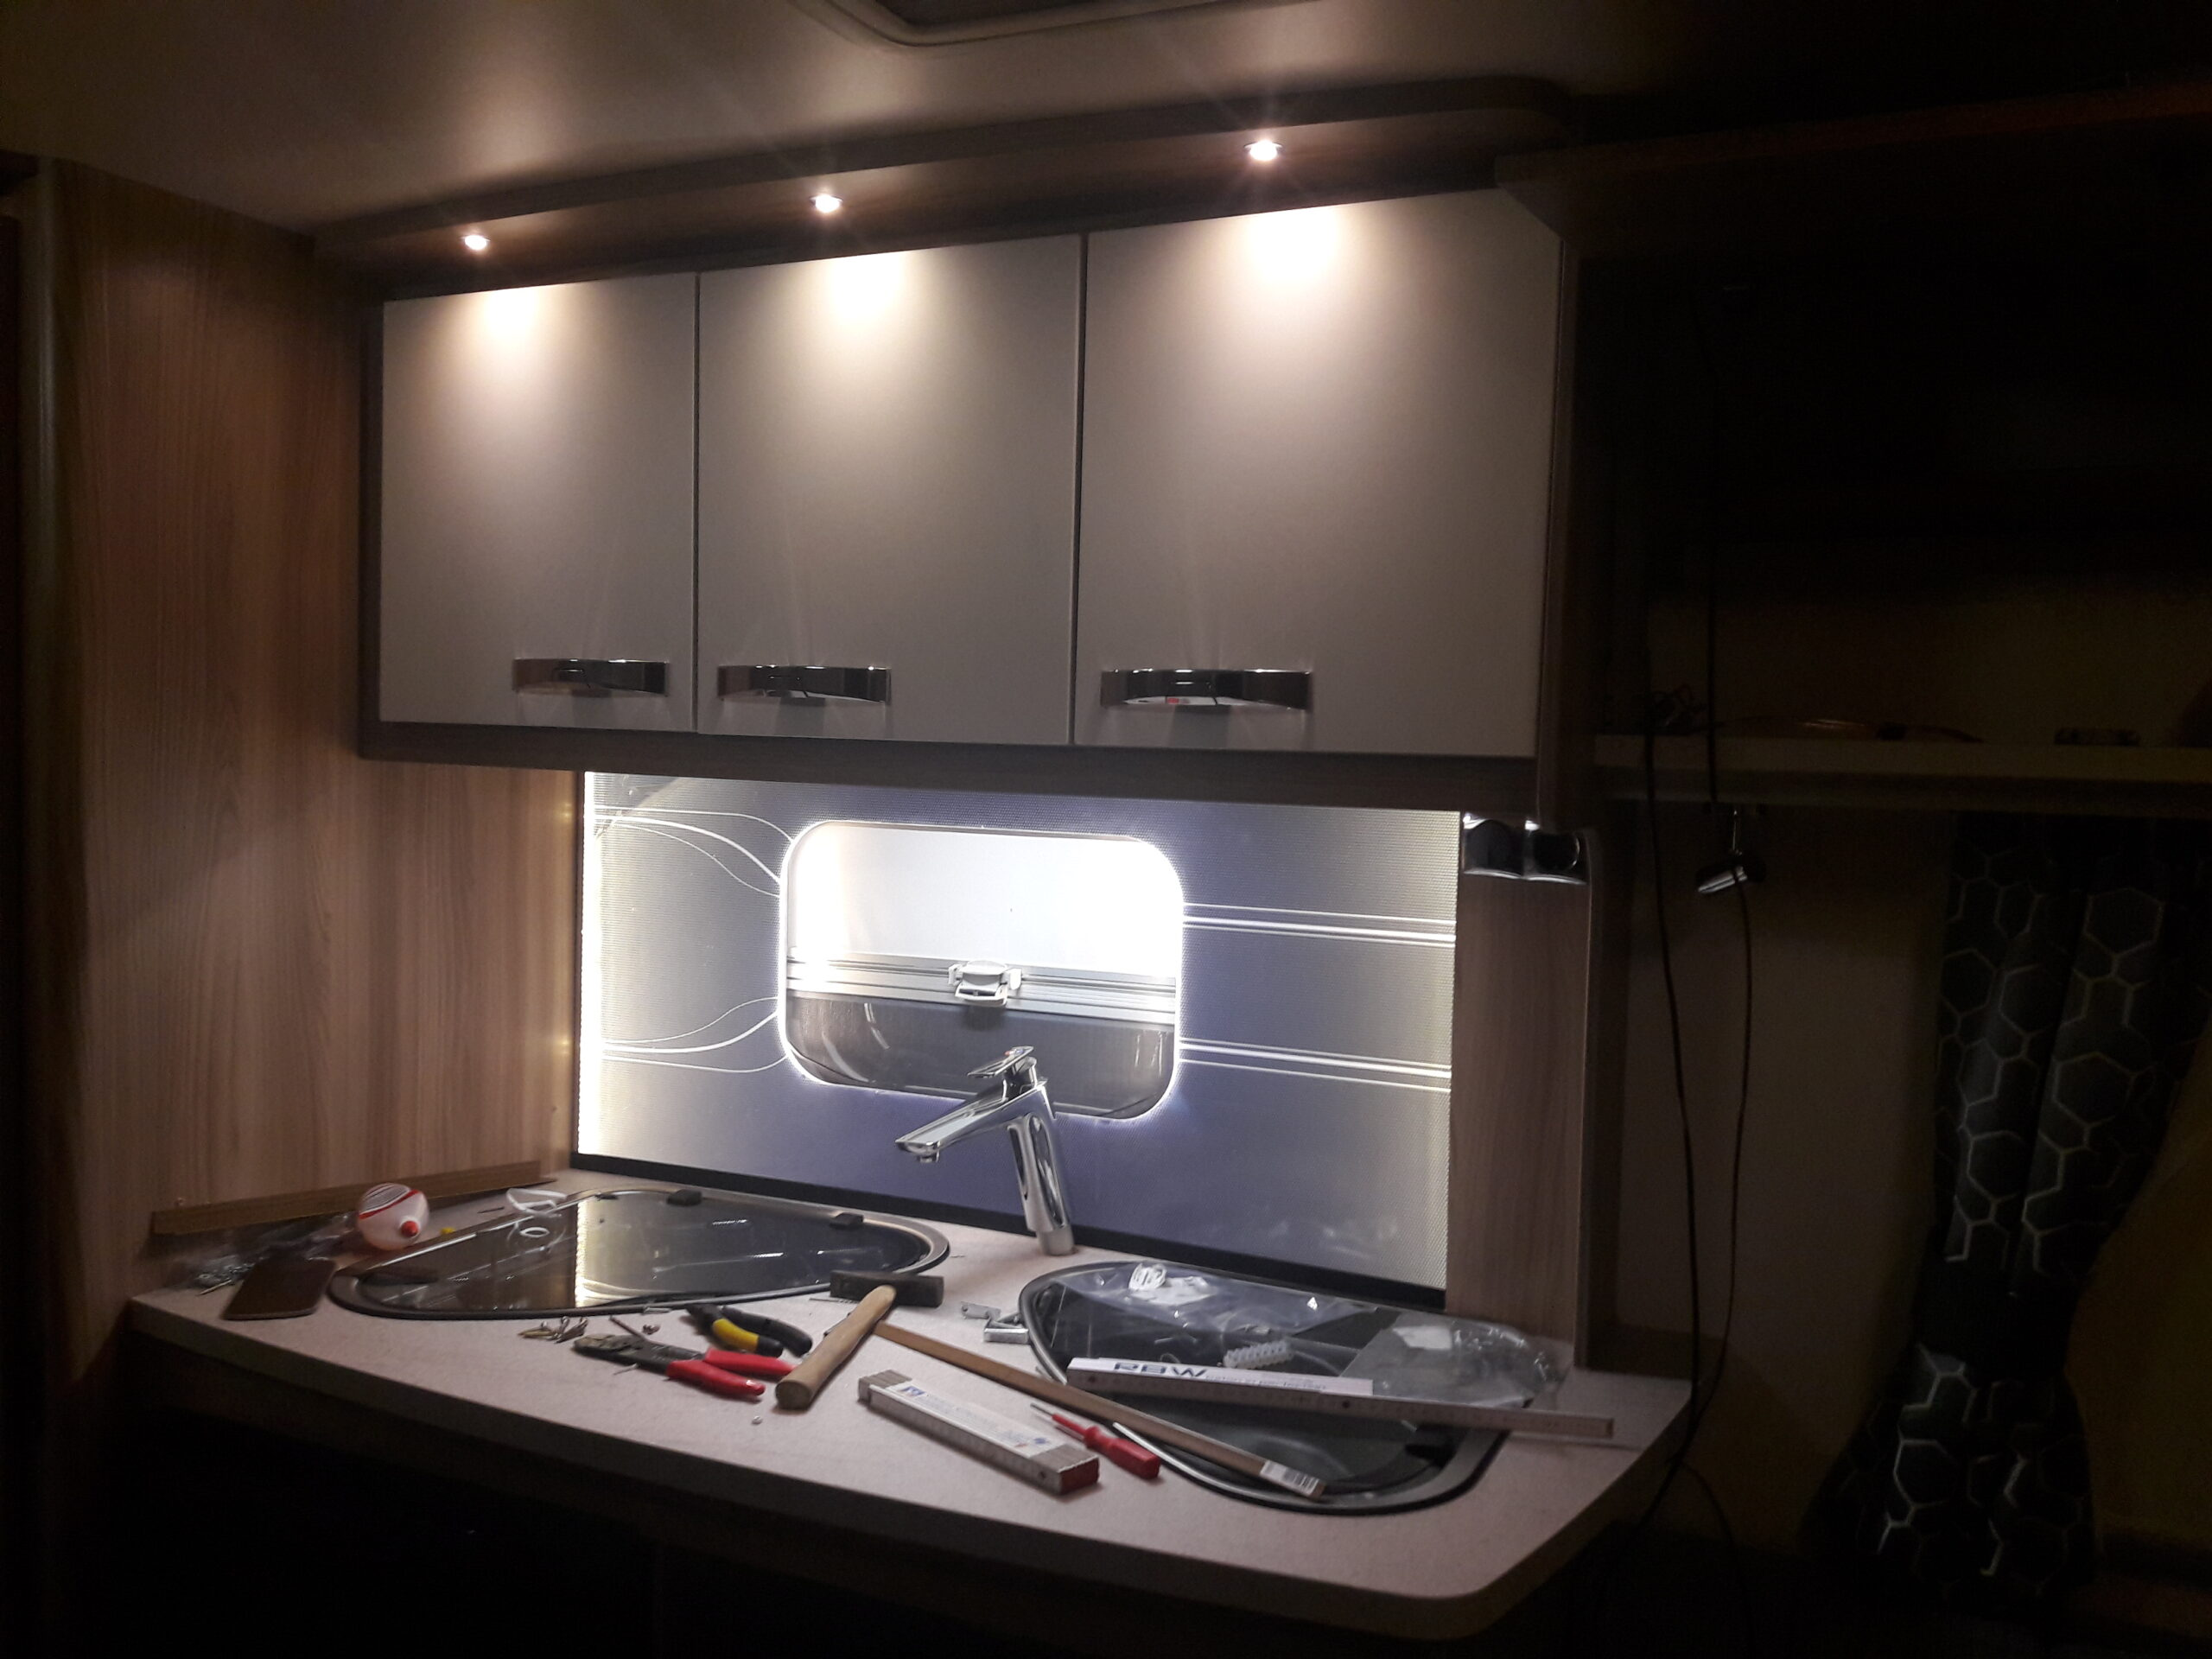 Full Size of Küchenwand Selbstbau Einer Beleuchteten Wohnwagen Kchenrckwand Happy Wohnzimmer Küchenwand